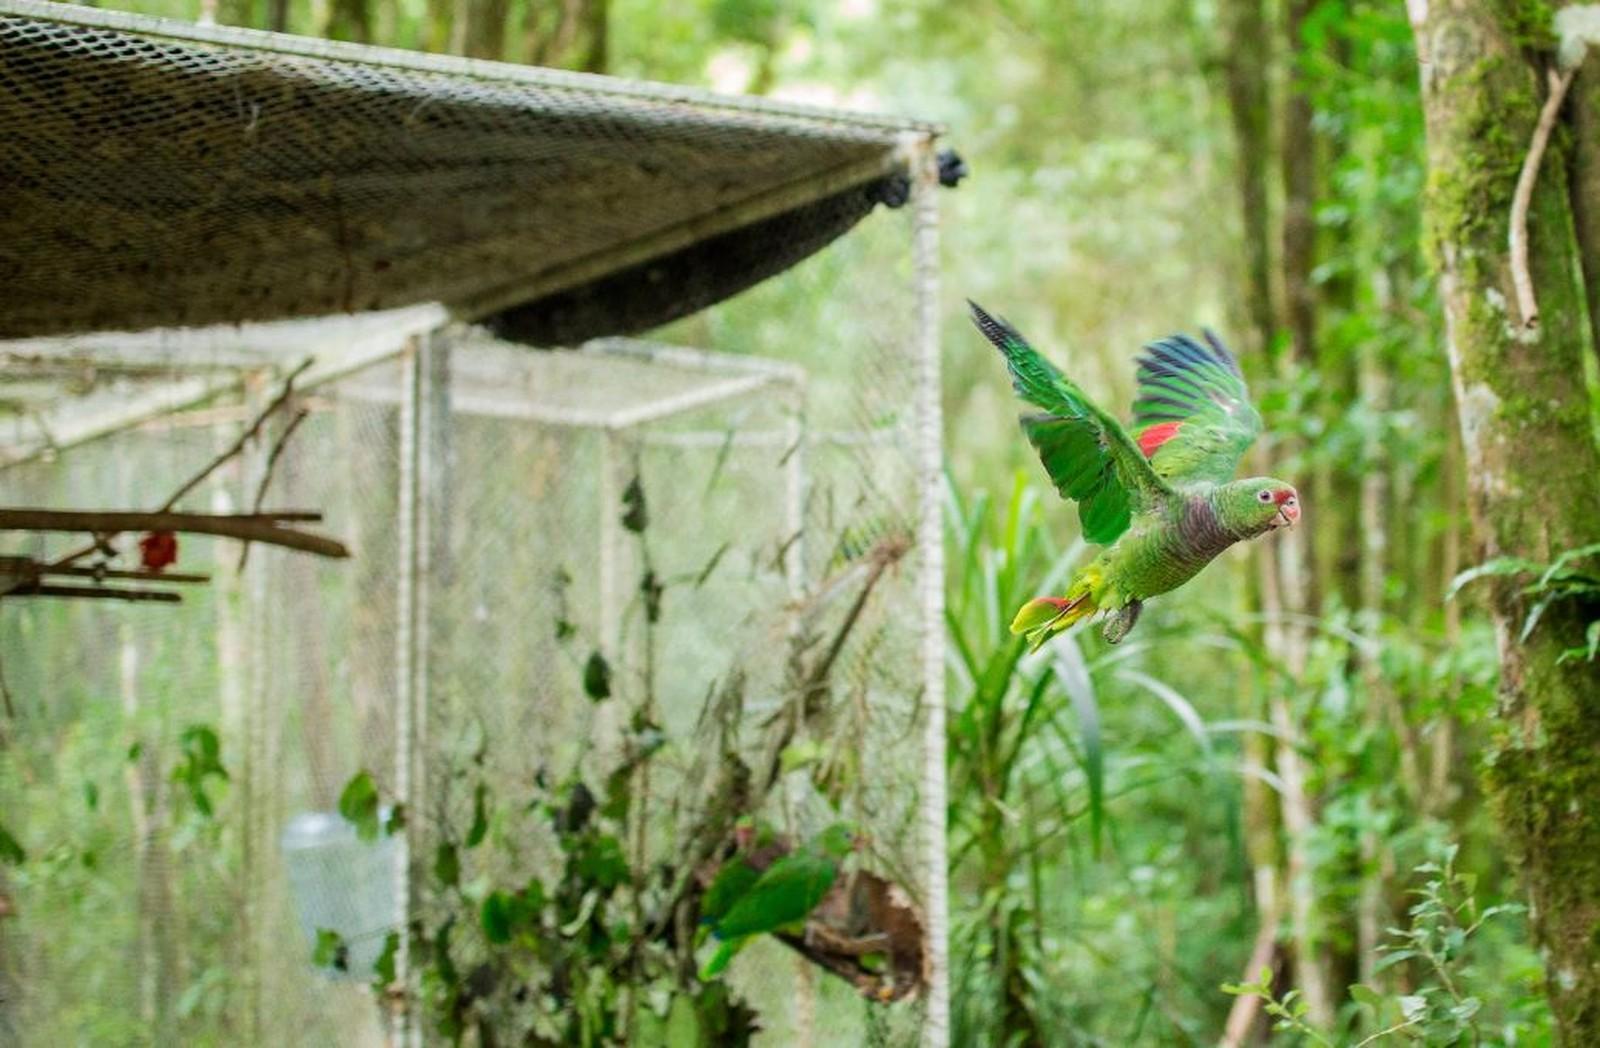 Os papagaios são colocados em um viveiro até que optem por ficar na floresta — Foto: Gabriel Brutti / Acervo Pessoal